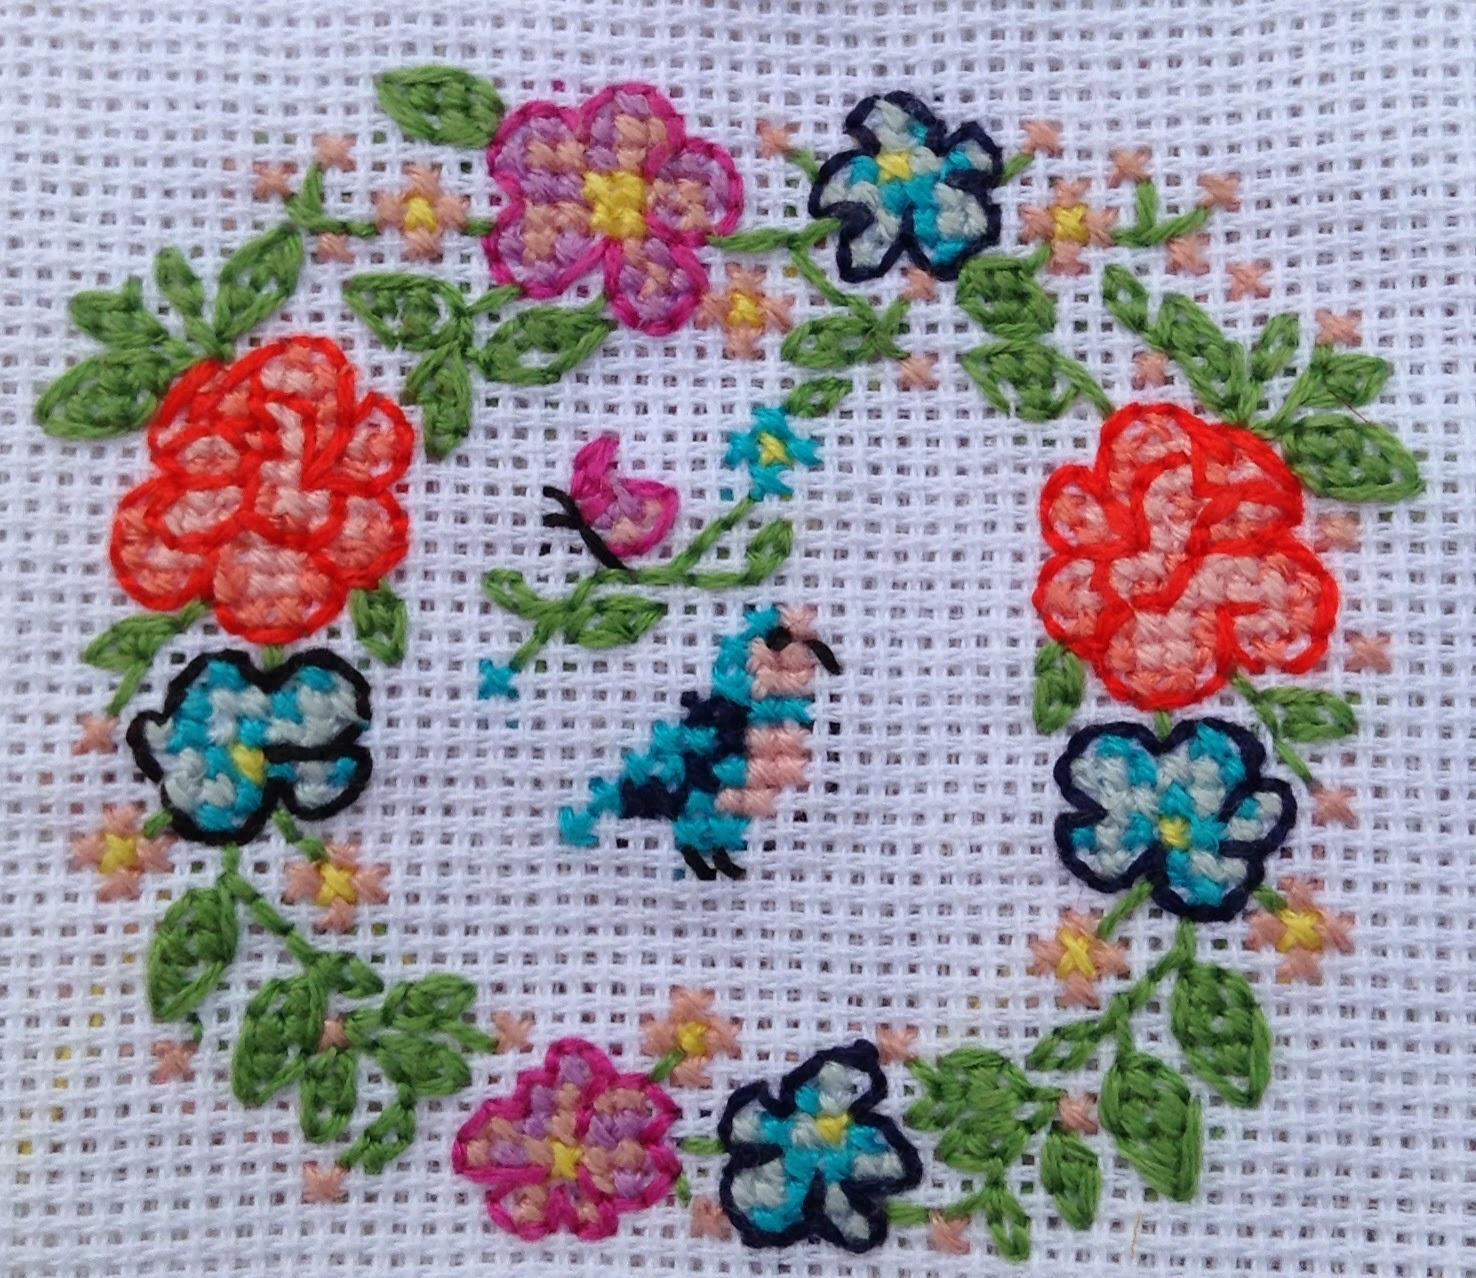 broderie point de croix couronne fleurs oiseau papillon